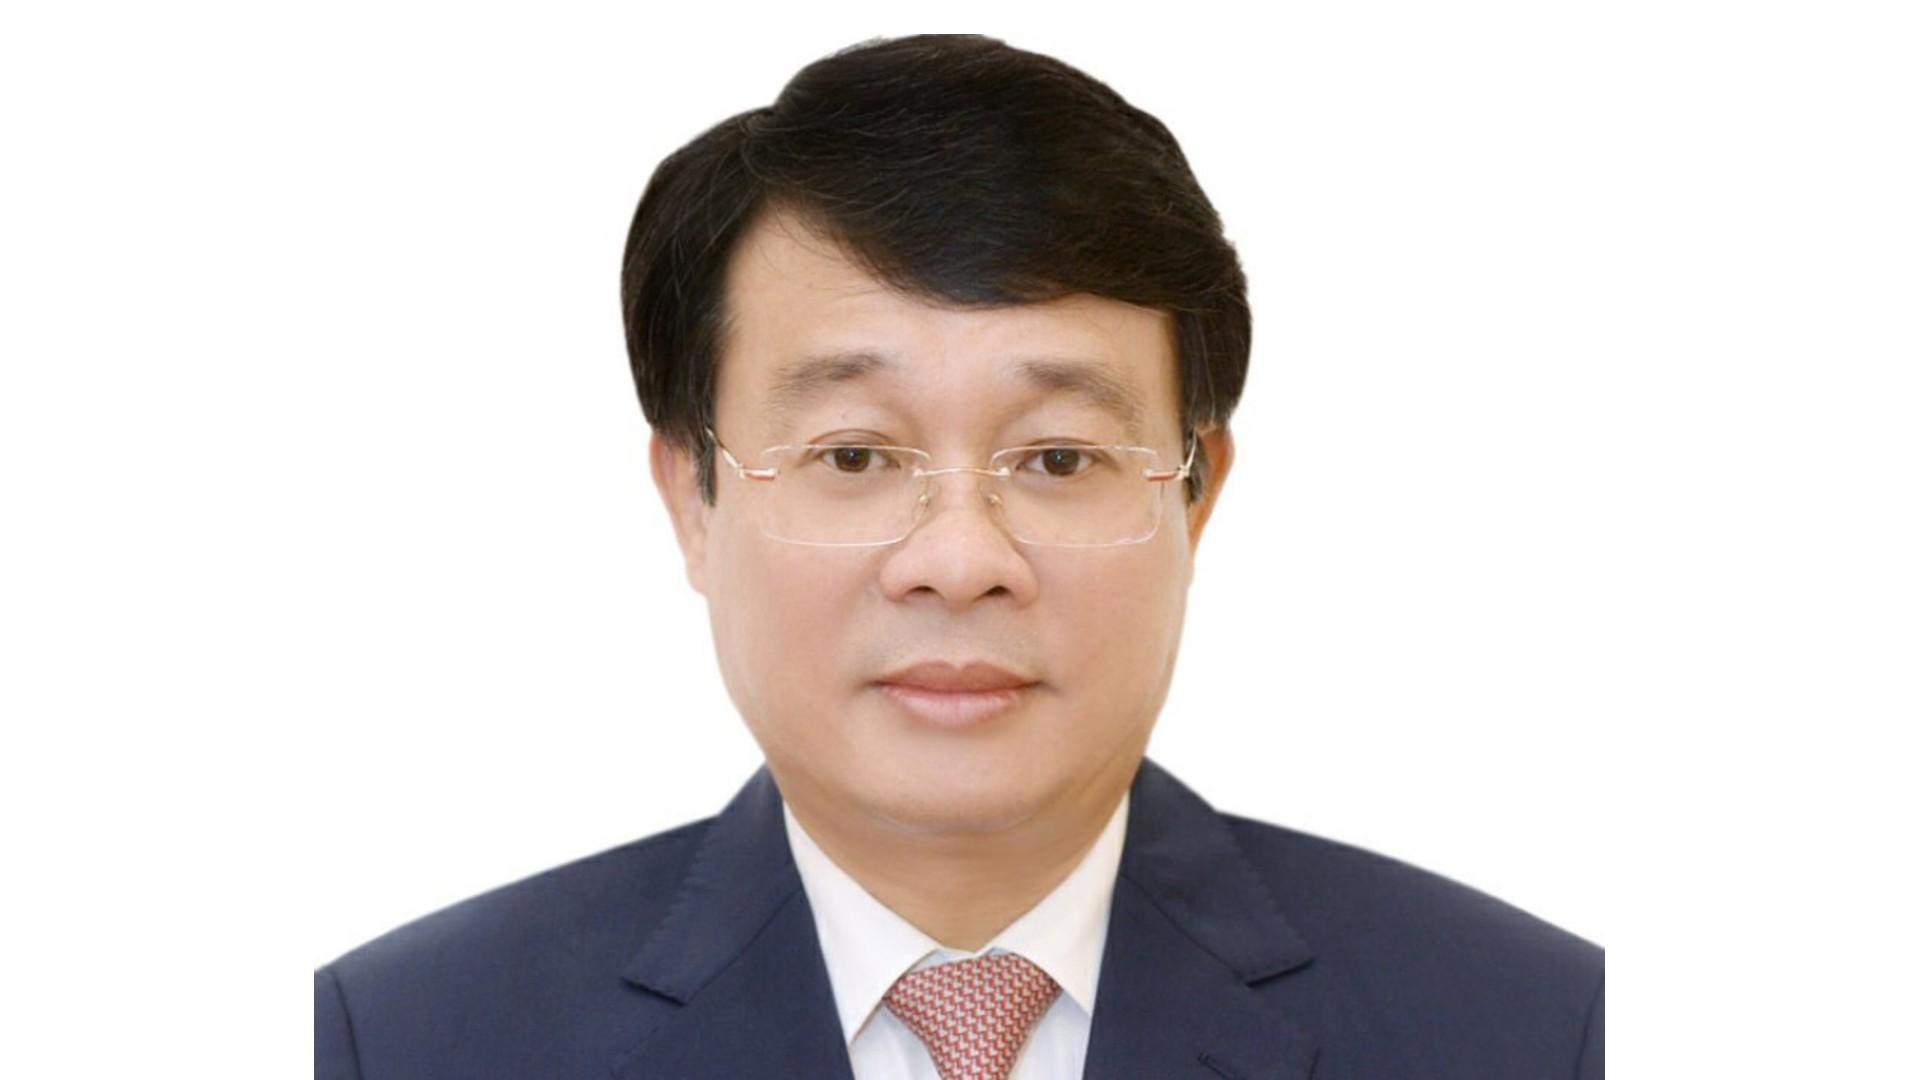 Chủ tịch VICEM Bùi Hồng Minh giữ chức Thứ trưởng Bộ Xây dựng